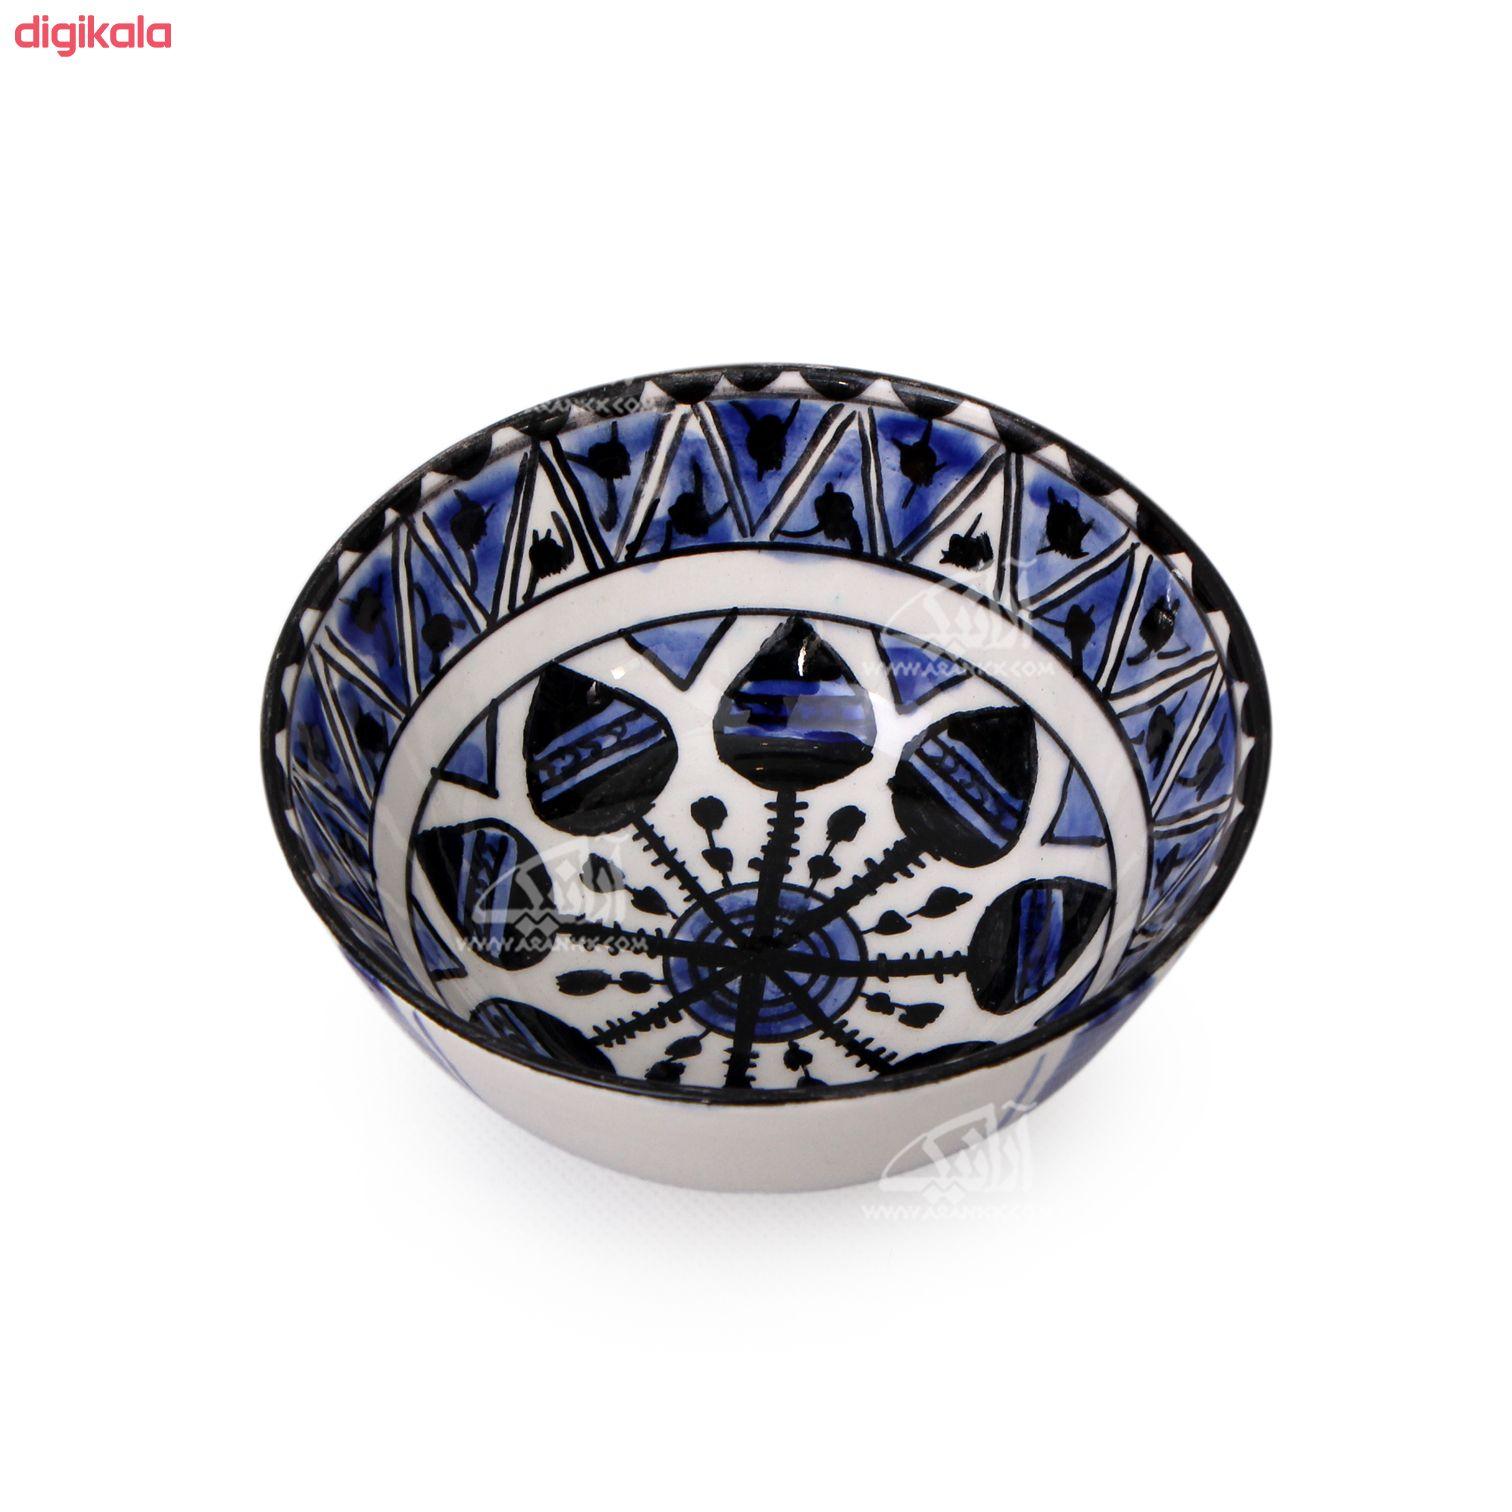 کاسه سفالی آرانیک نقاشی زیر لعابی رنگ سفید طرح چرخش مدل  1004000030 main 1 1